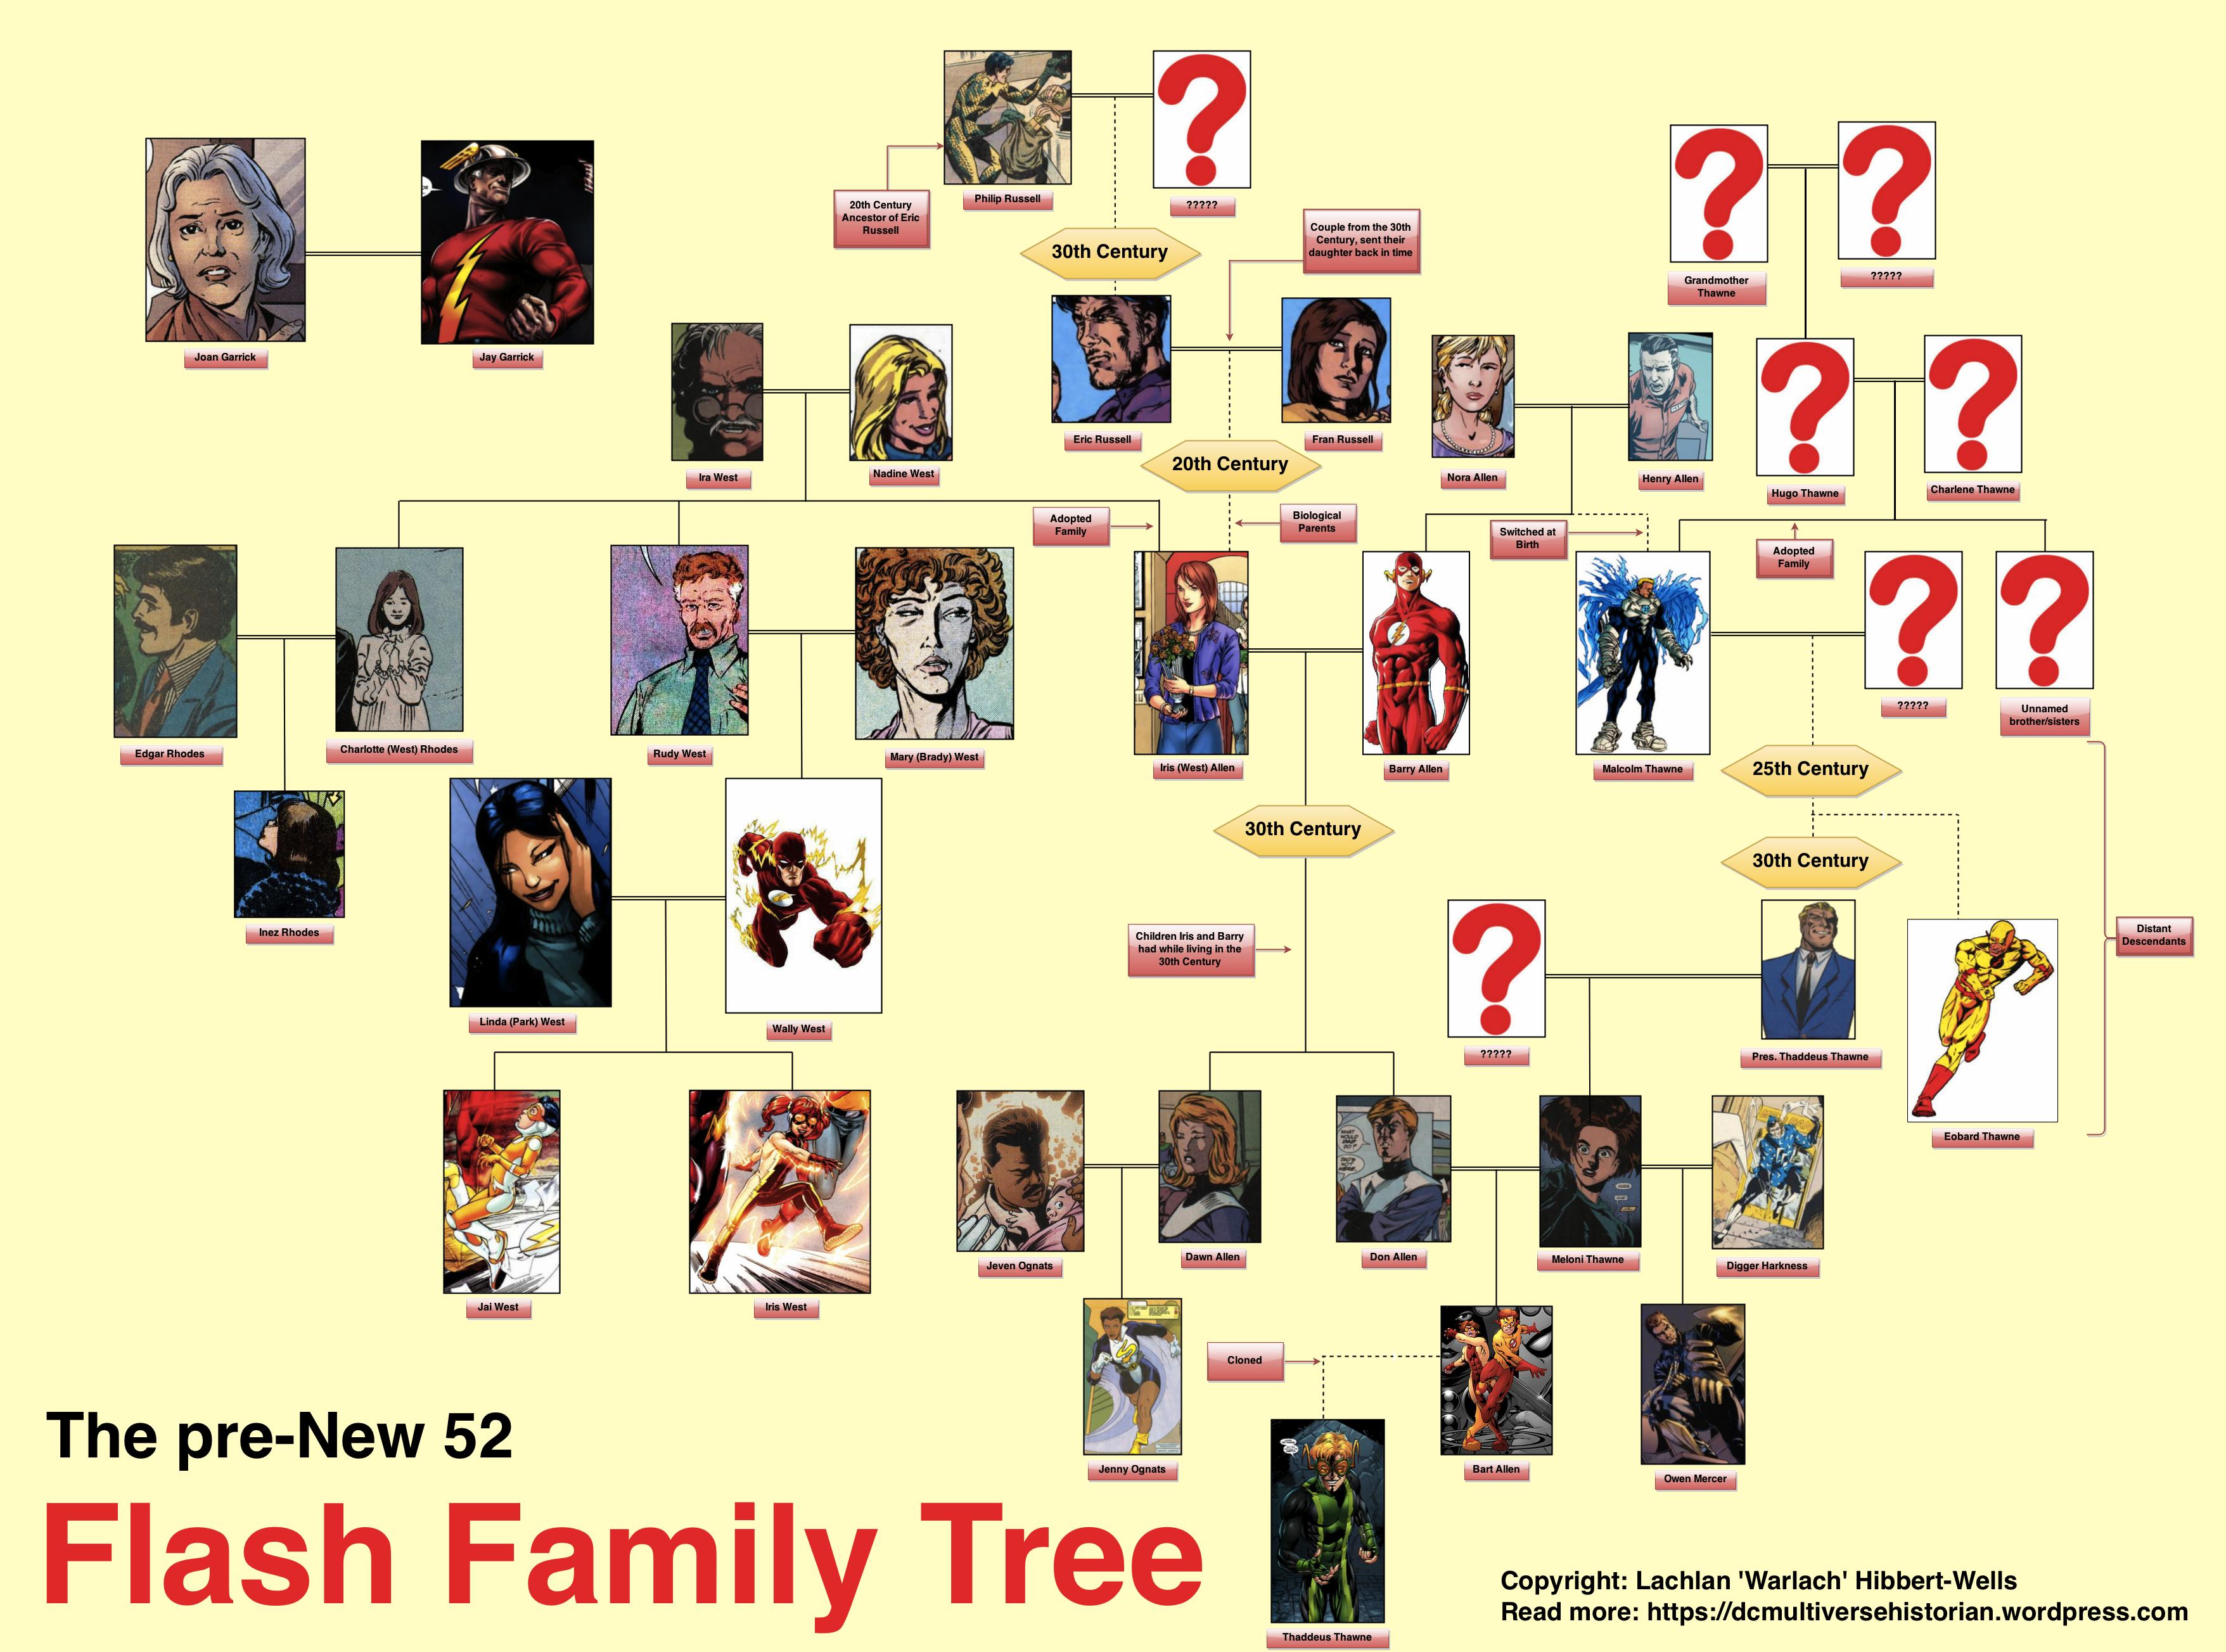 Flash Family Tree